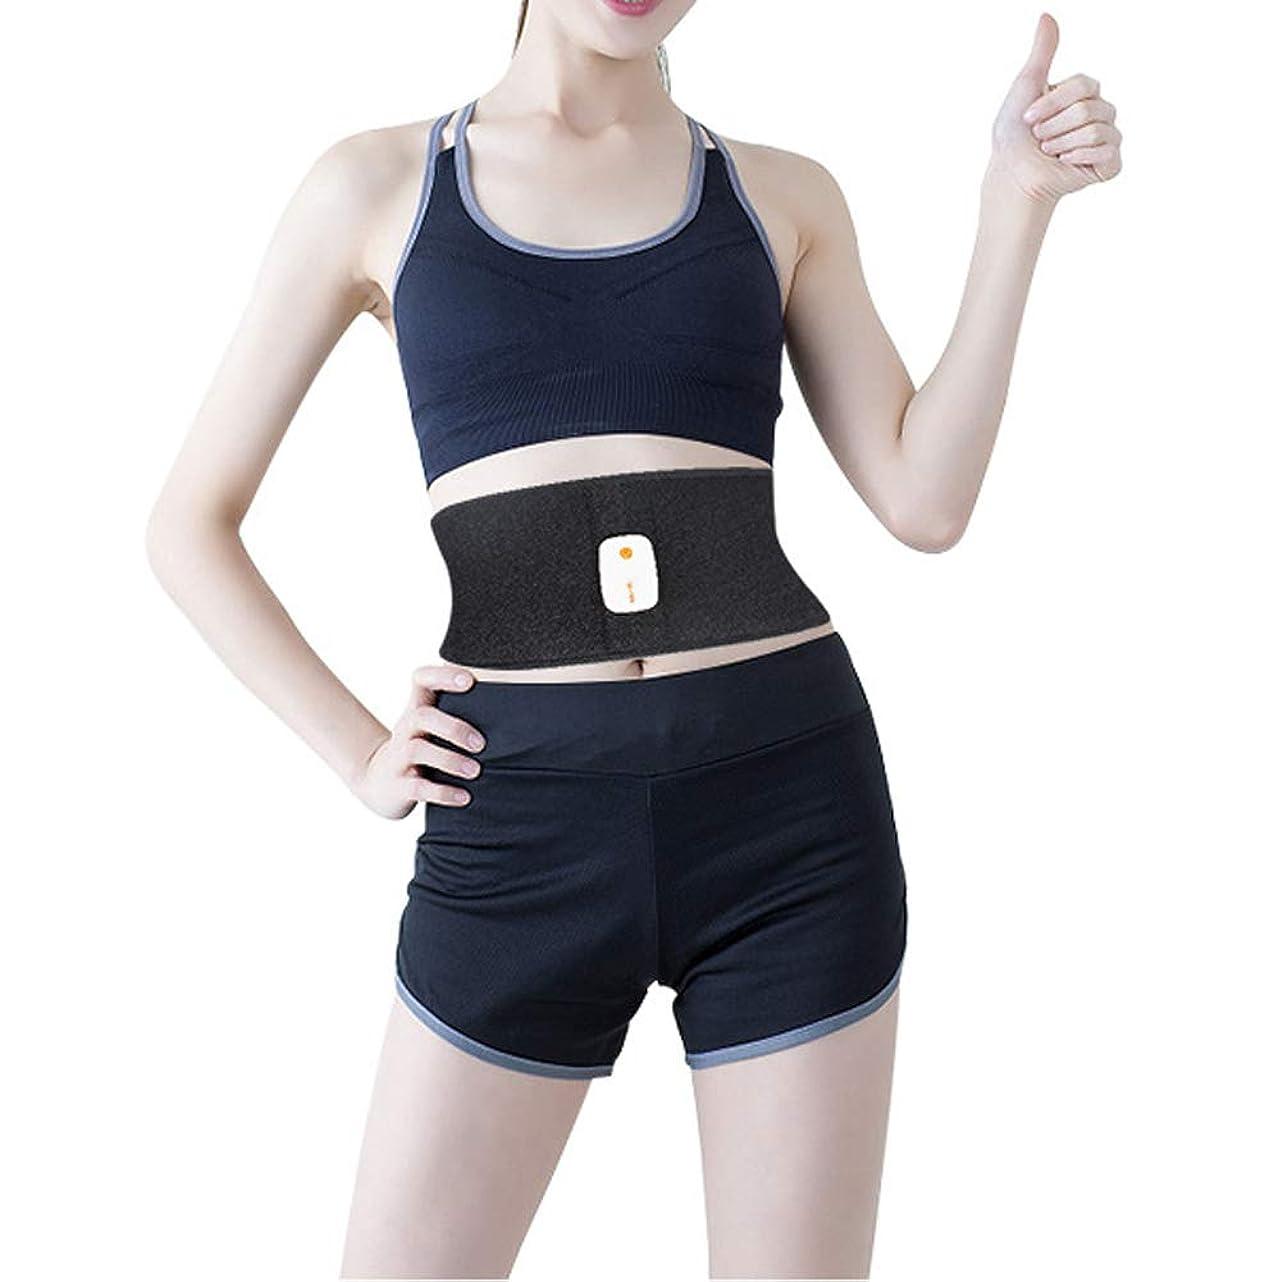 虎アーティファクト近似減量ベルト-ウエストマッサージャーUSB充電減量腹部トレーナー脂肪燃焼薄い腹部